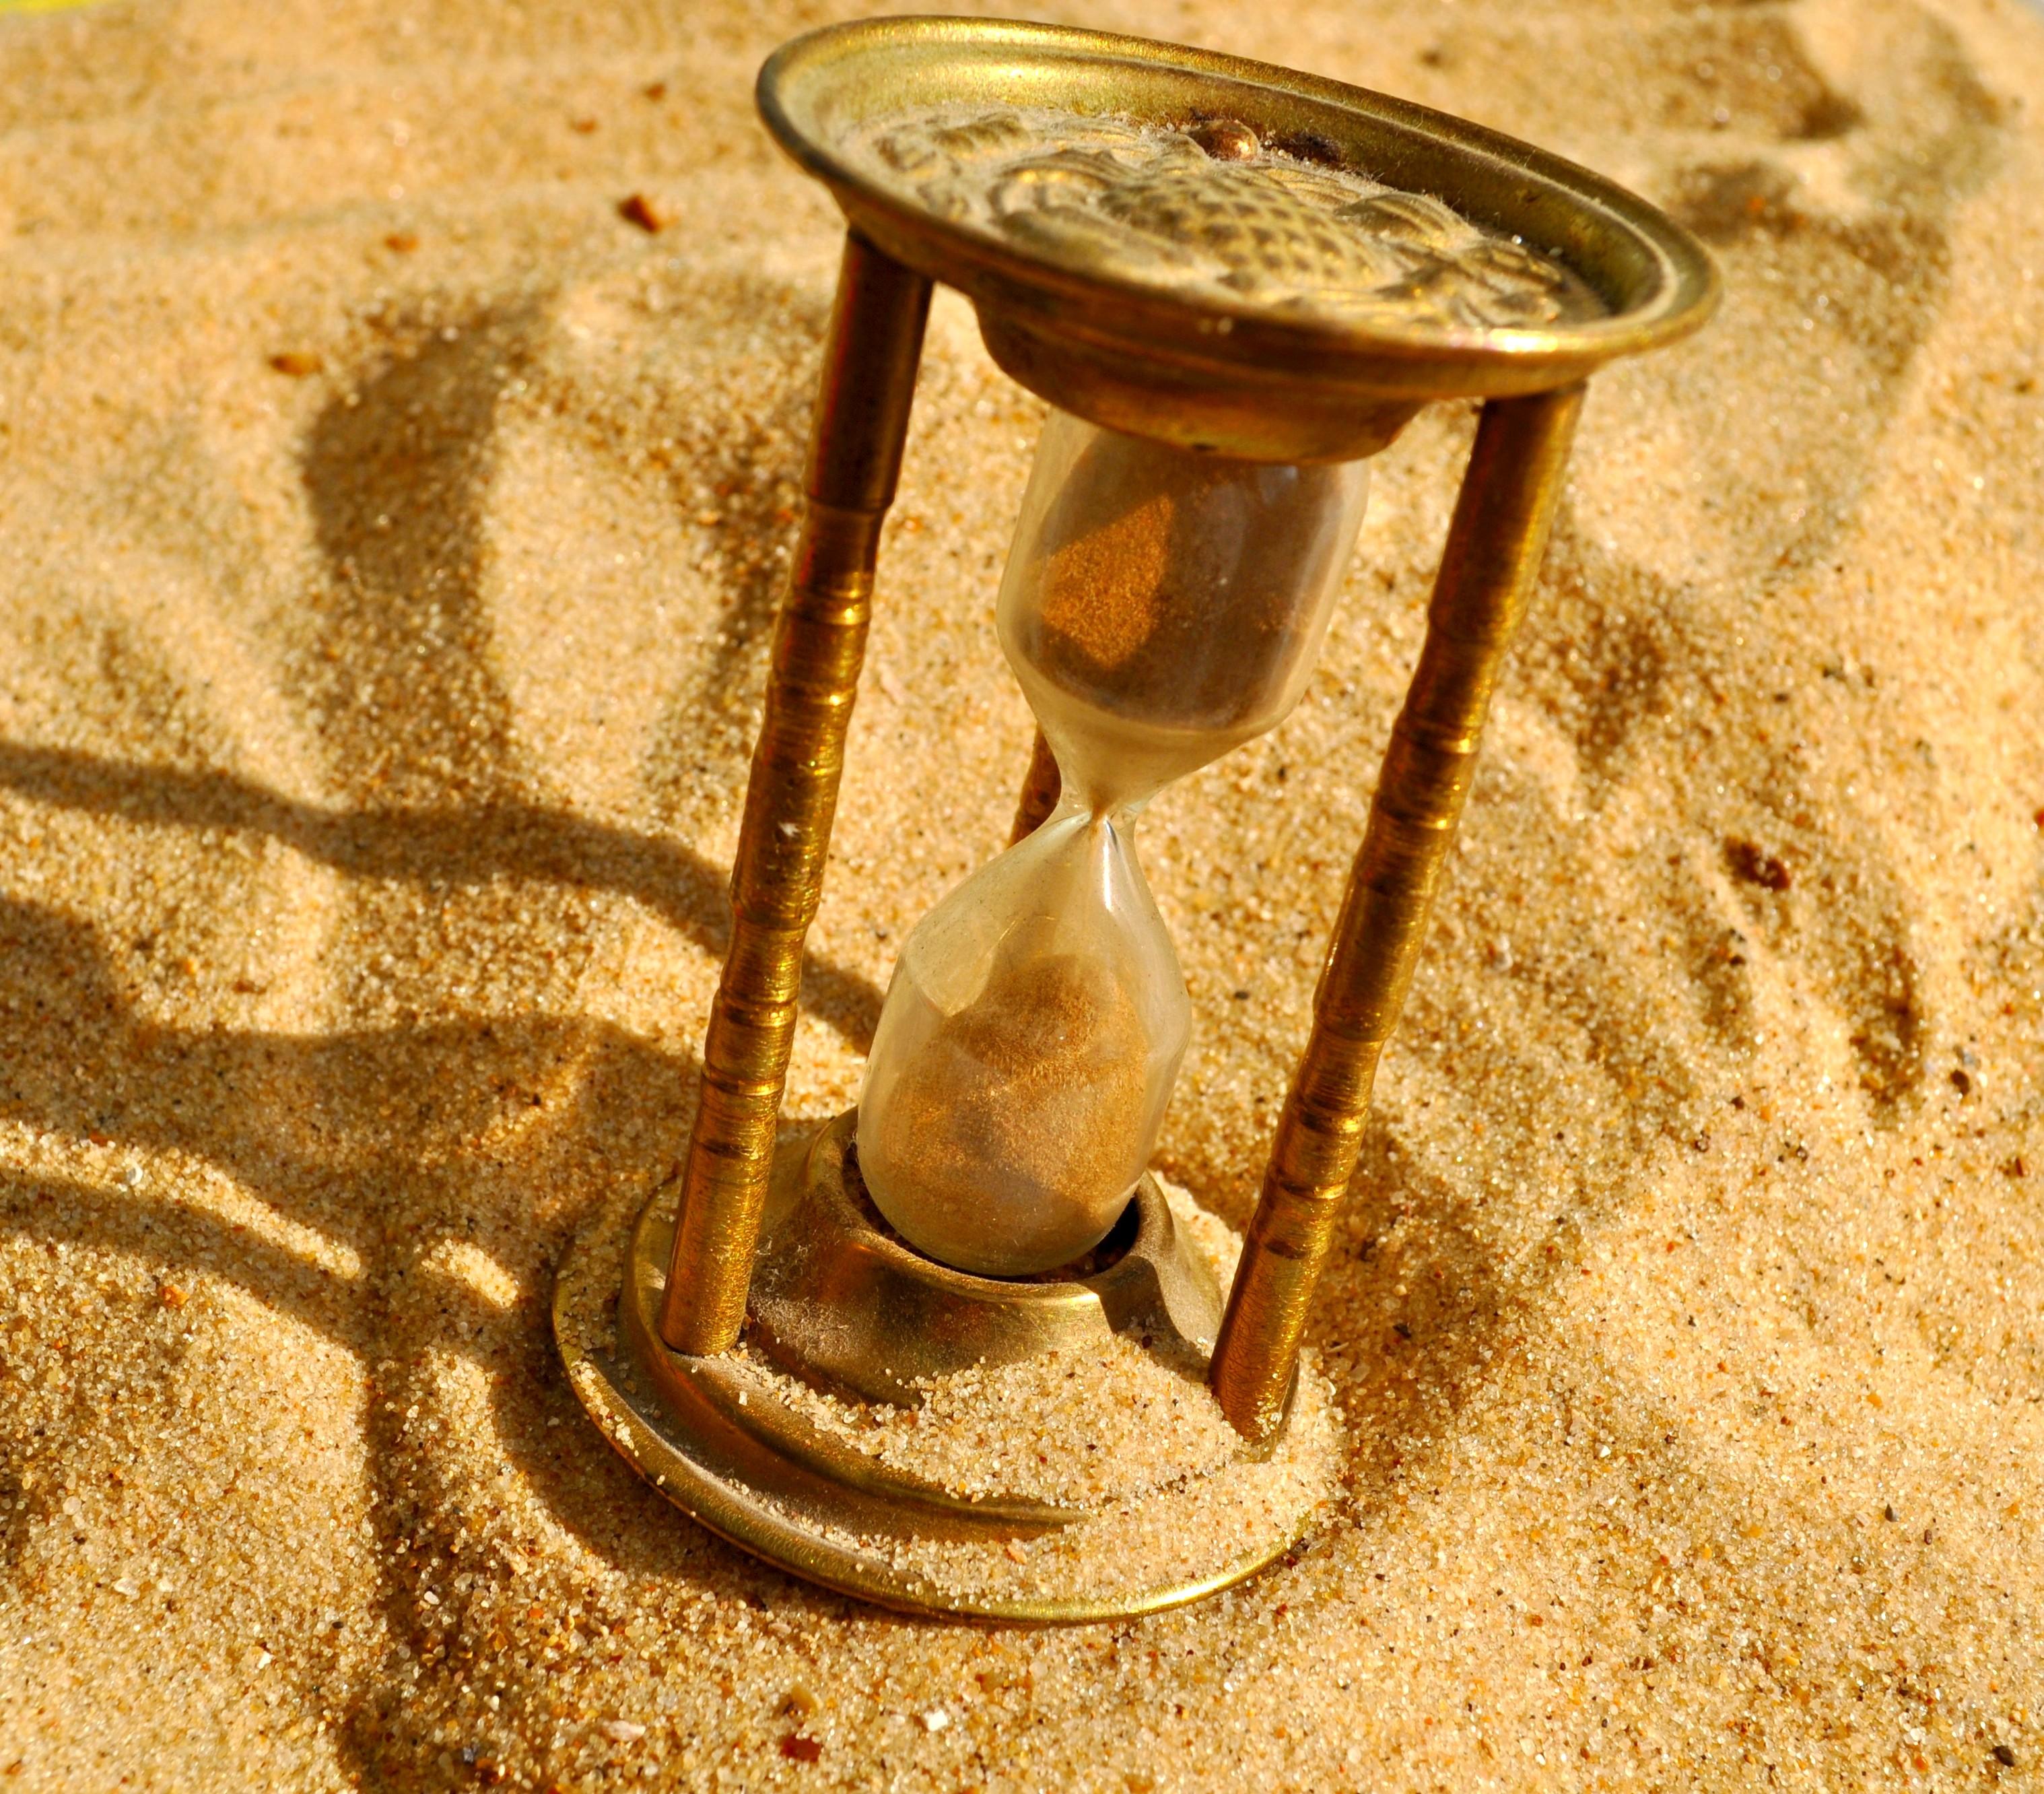 сложная картинки утекает песок тяжёлый время очень